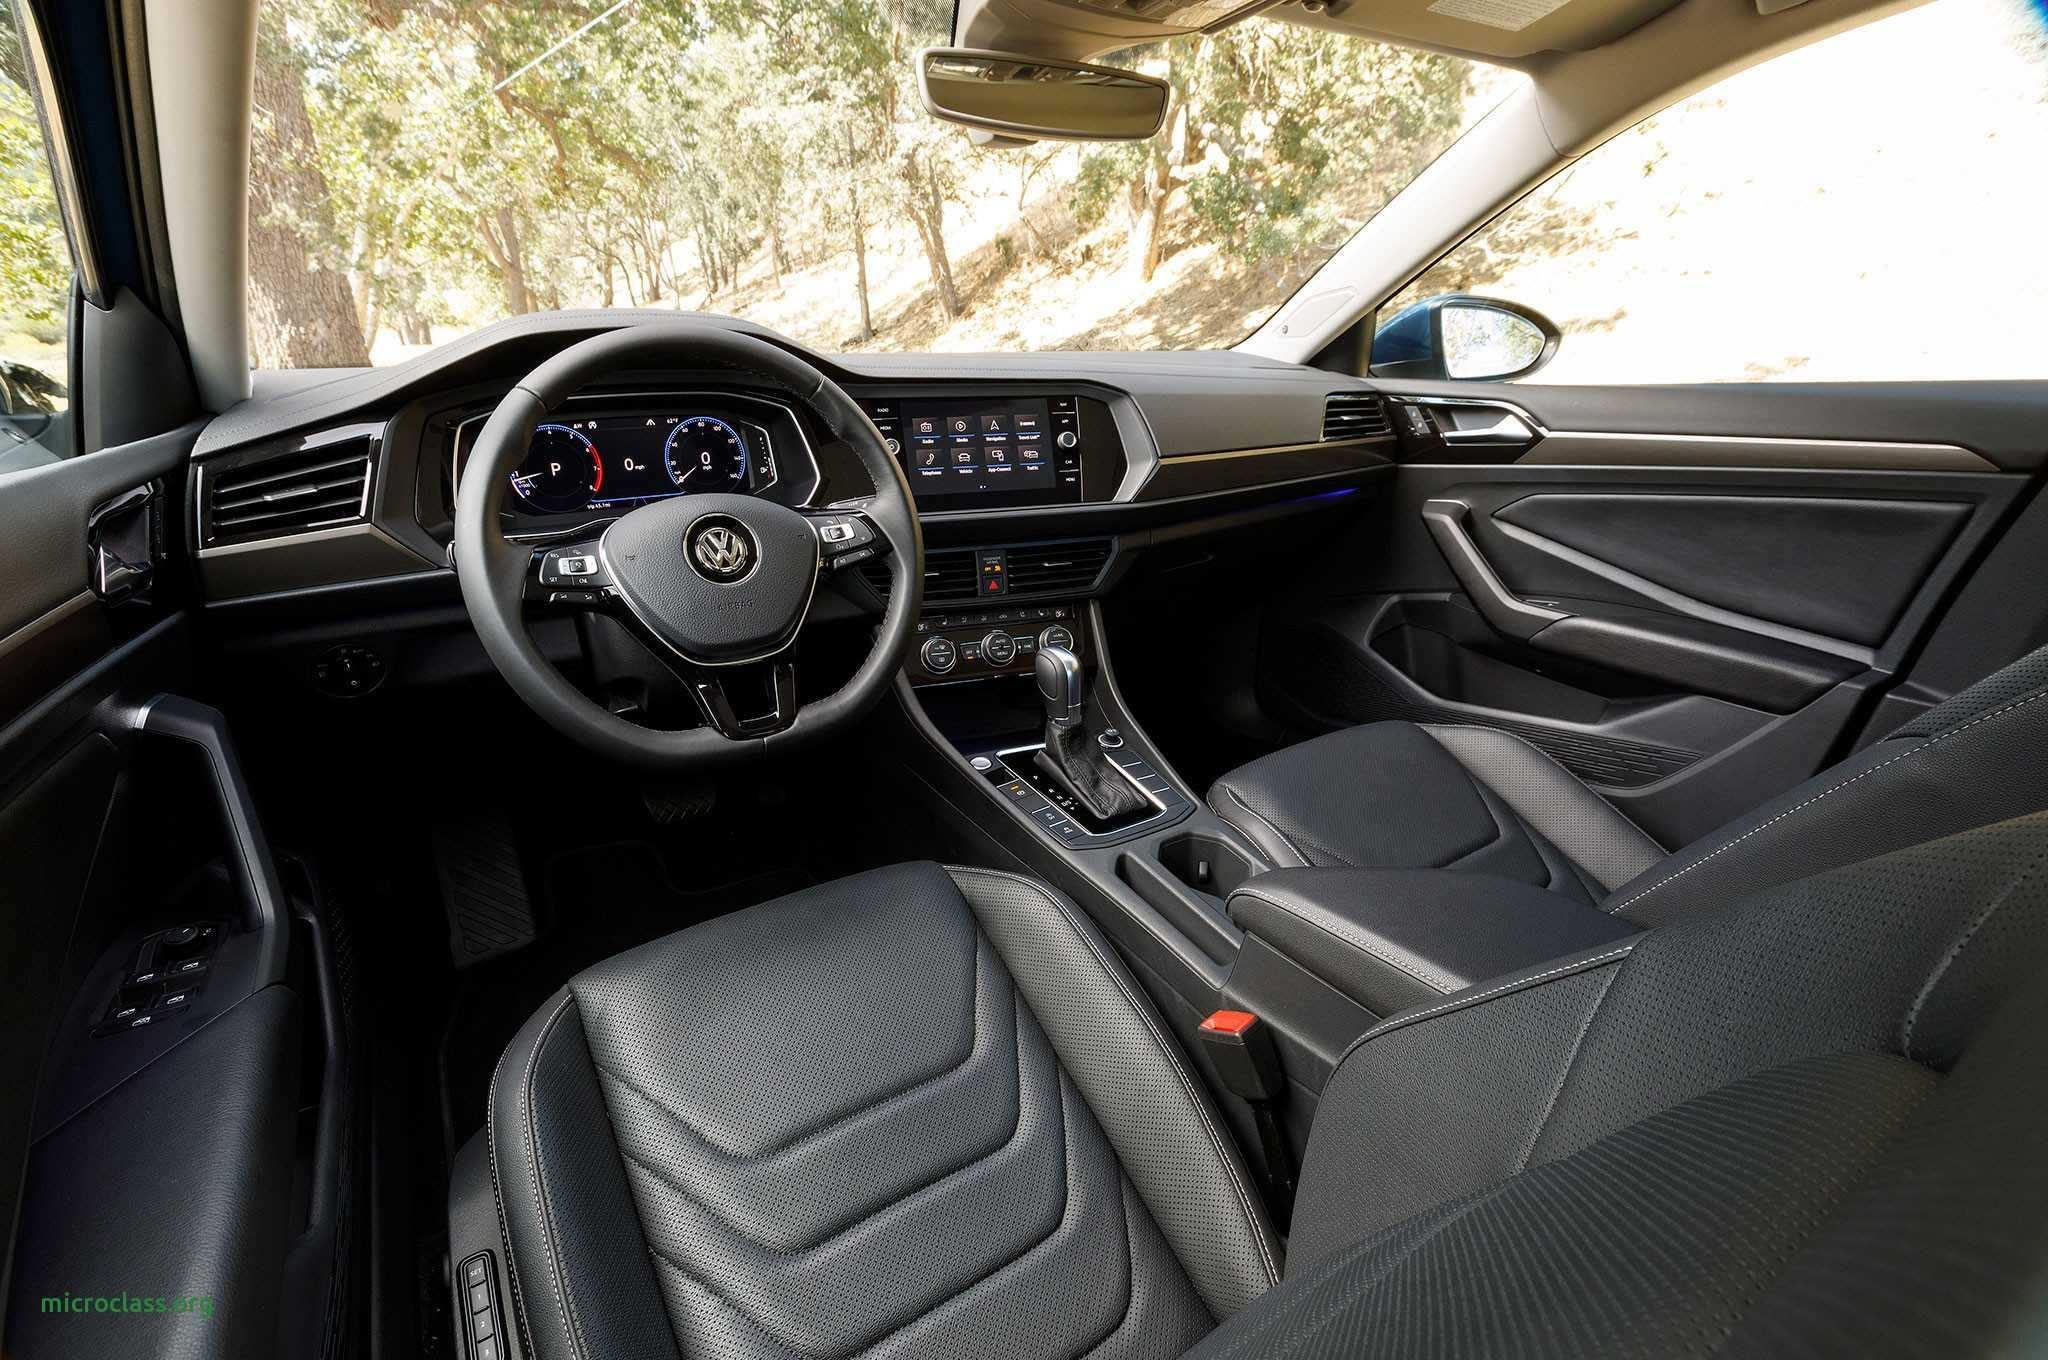 38 New 2019 Volkswagen Passat Interior History for 2019 Volkswagen Passat Interior